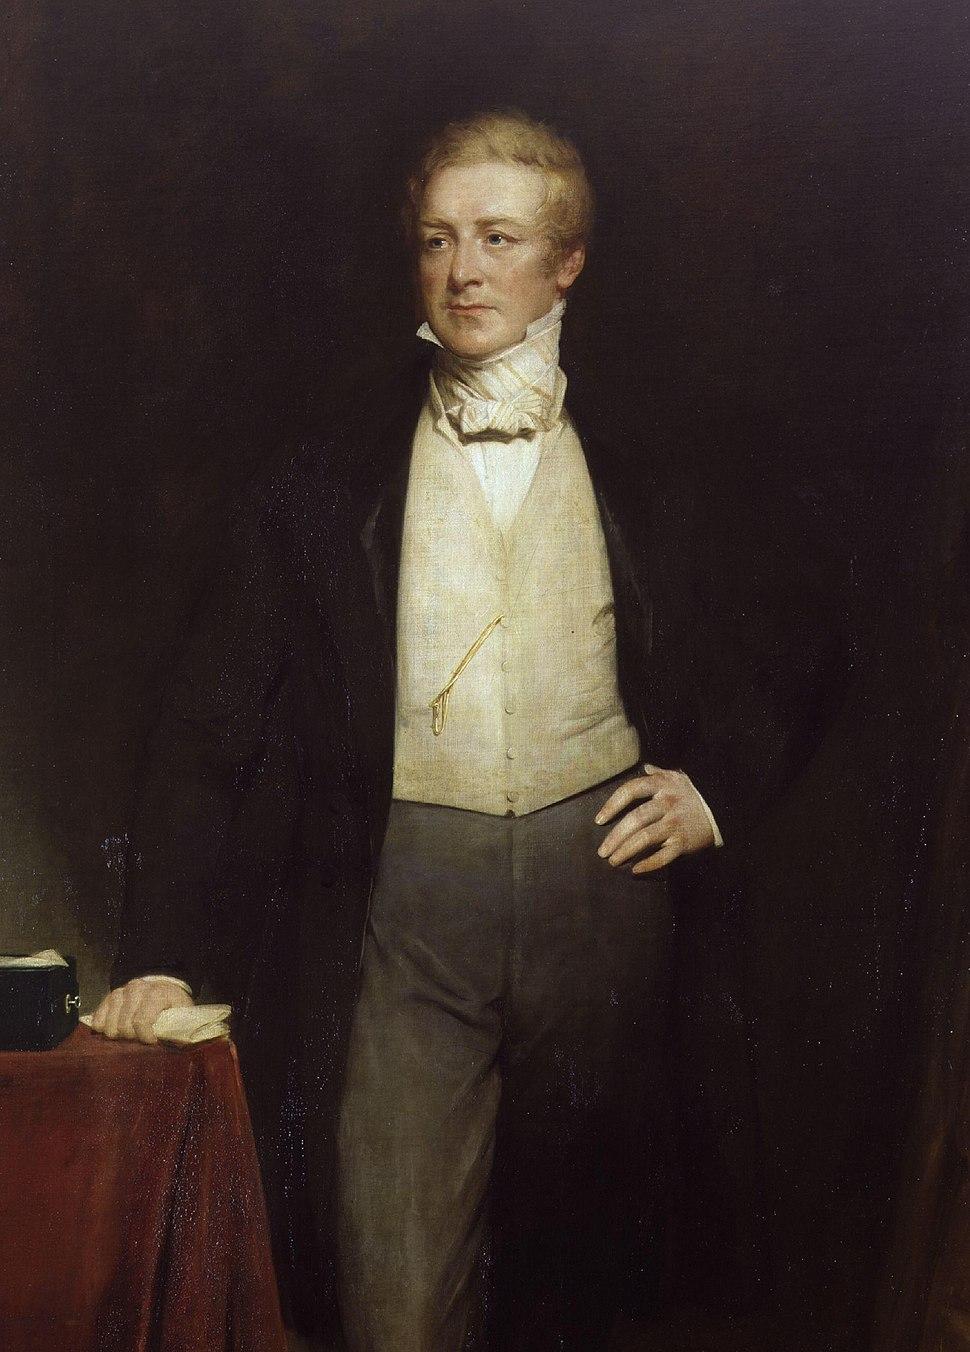 Sir Robert Peel, 2nd Bt by Henry William Pickersgill-detail